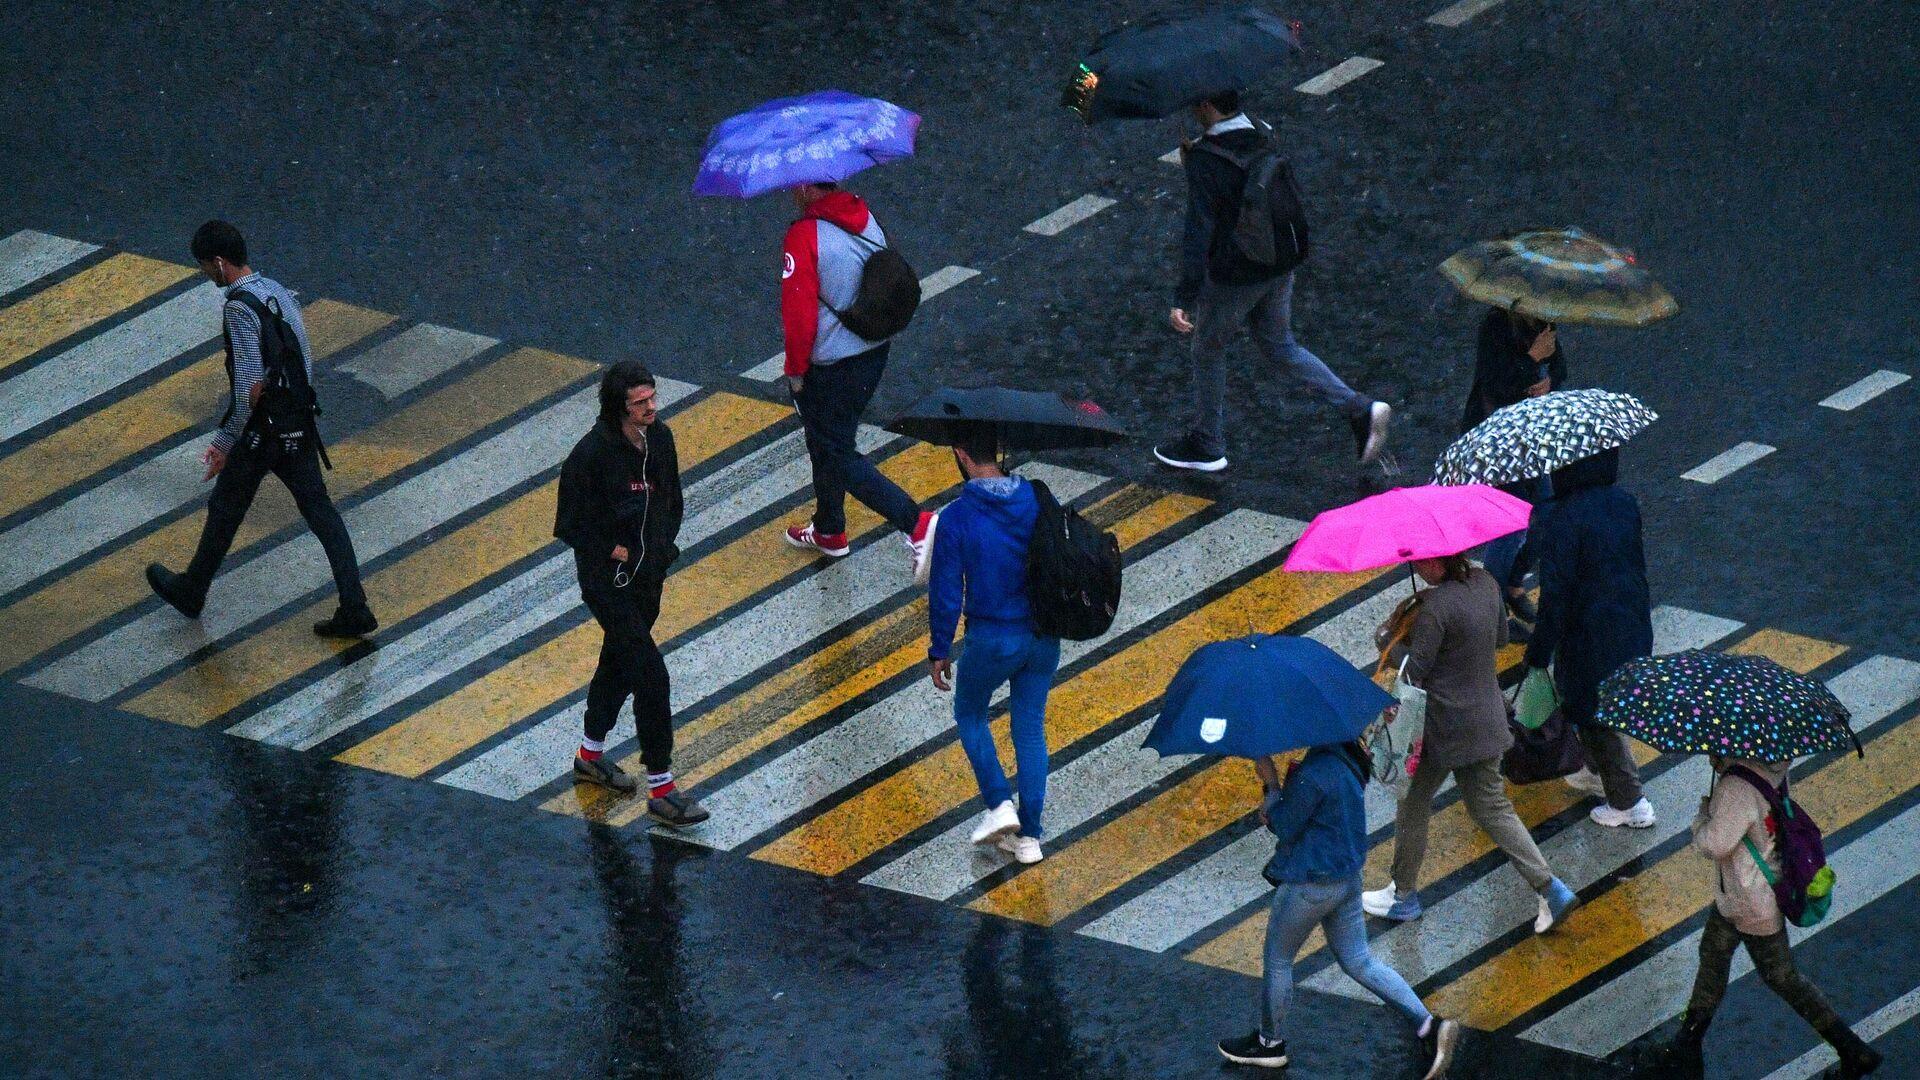 Прохожие переходят через дорогу во время грозы на одной из улиц в Москве - РИА Новости, 1920, 12.06.2021